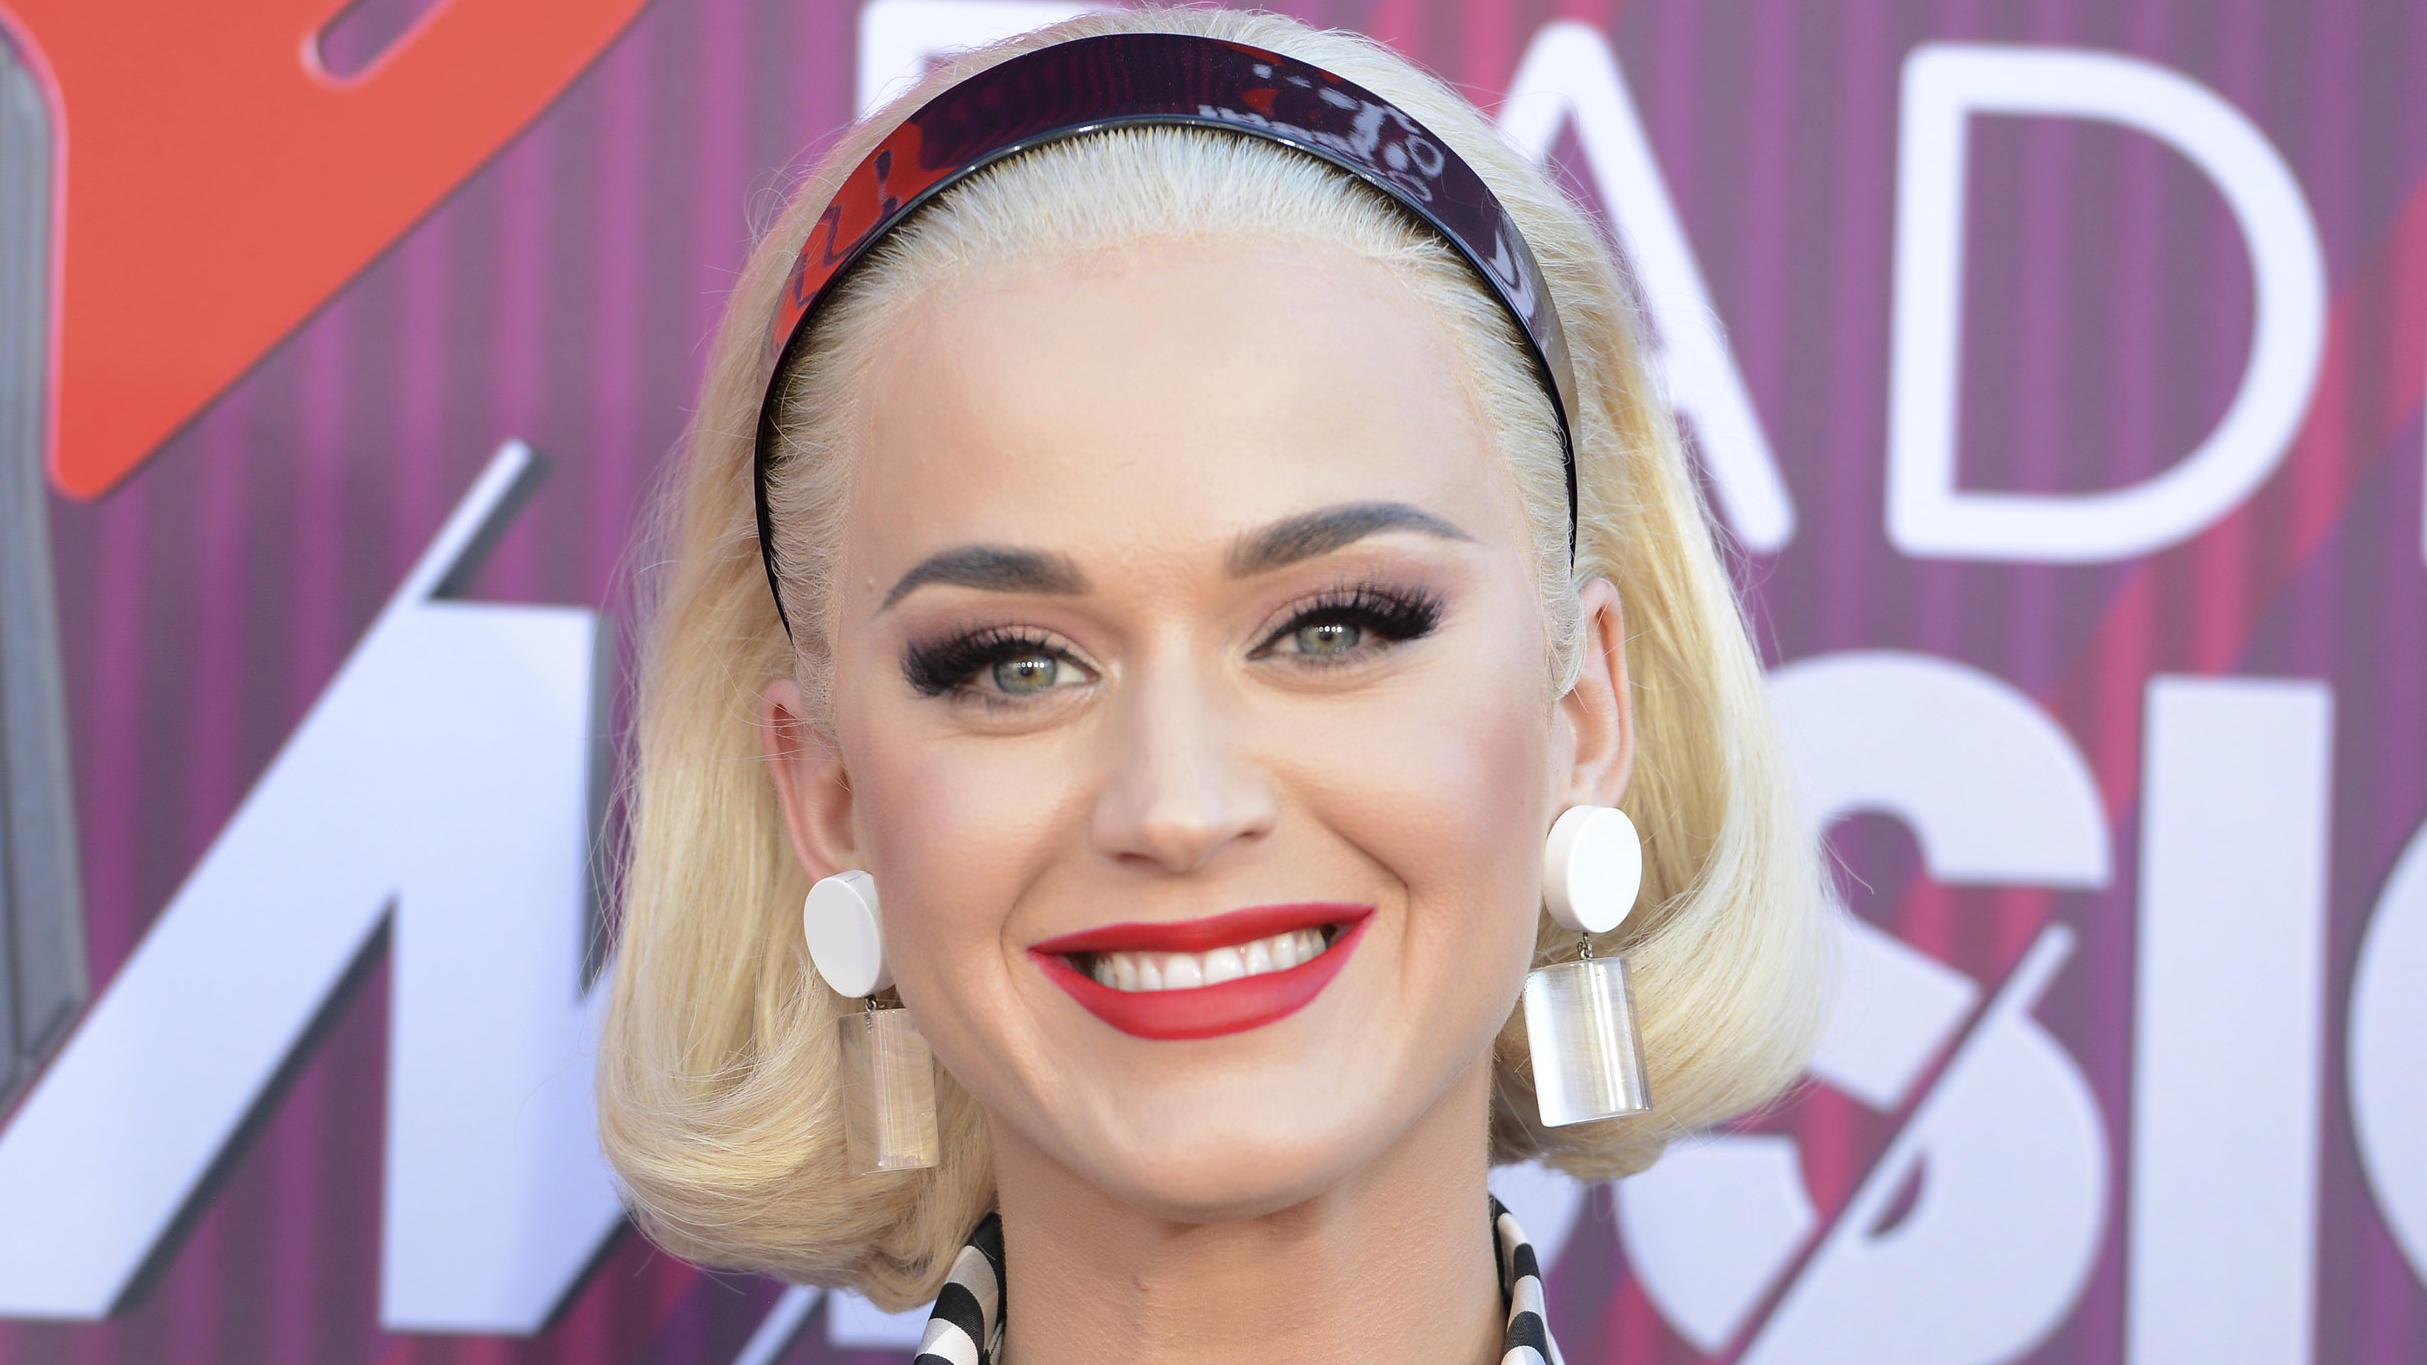 Katy Perry zeigt ihren After-Baby-Body im Badeanzug - VIP.de, Star News